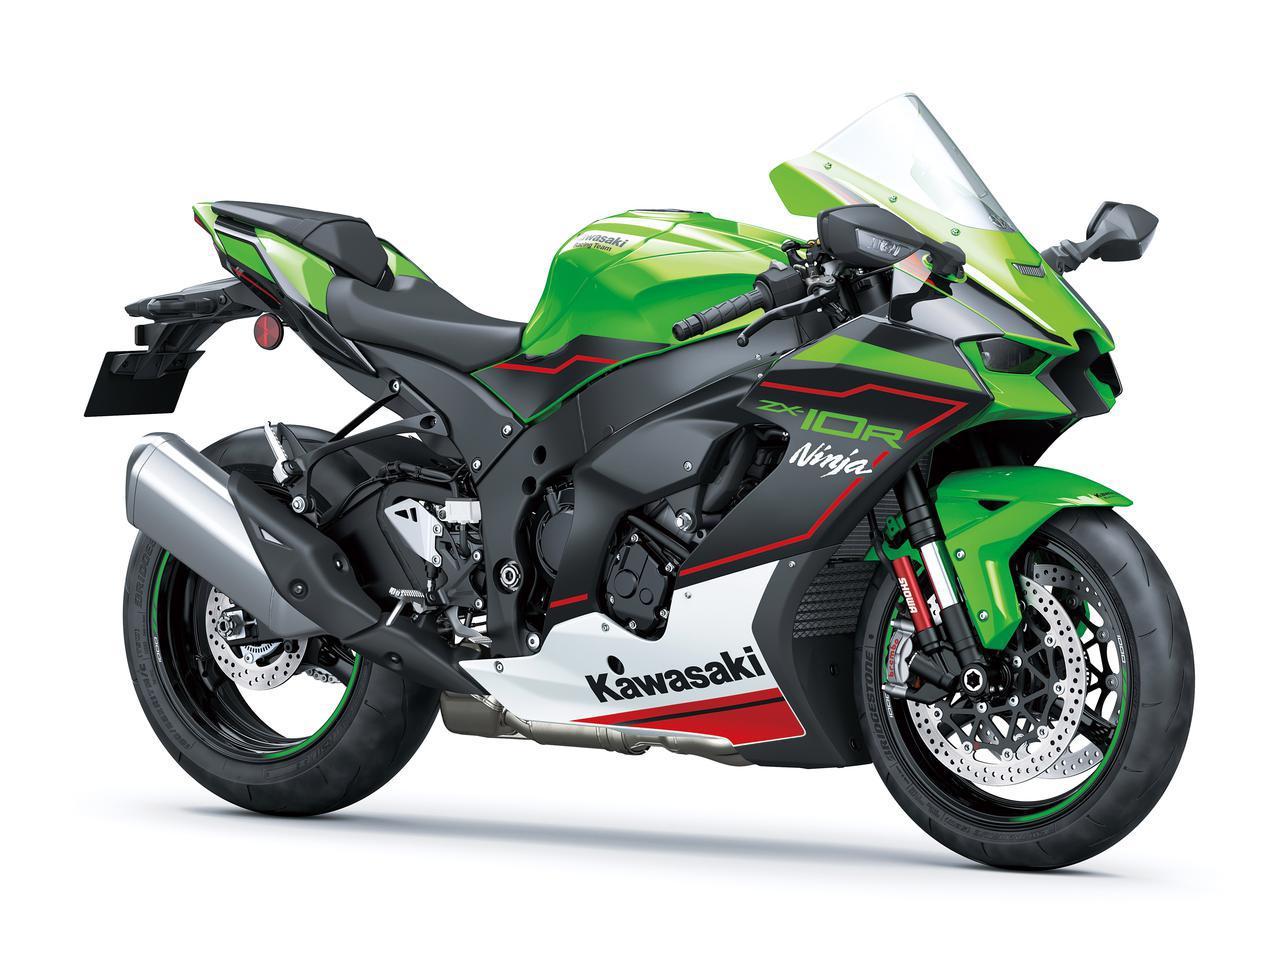 画像: Kawasaki Ninja ZX-10R 総排気量:998cc エンジン形式:水冷4ストDOHC4バルブ並列4気筒 シート高:835mm 車両重量:207kg